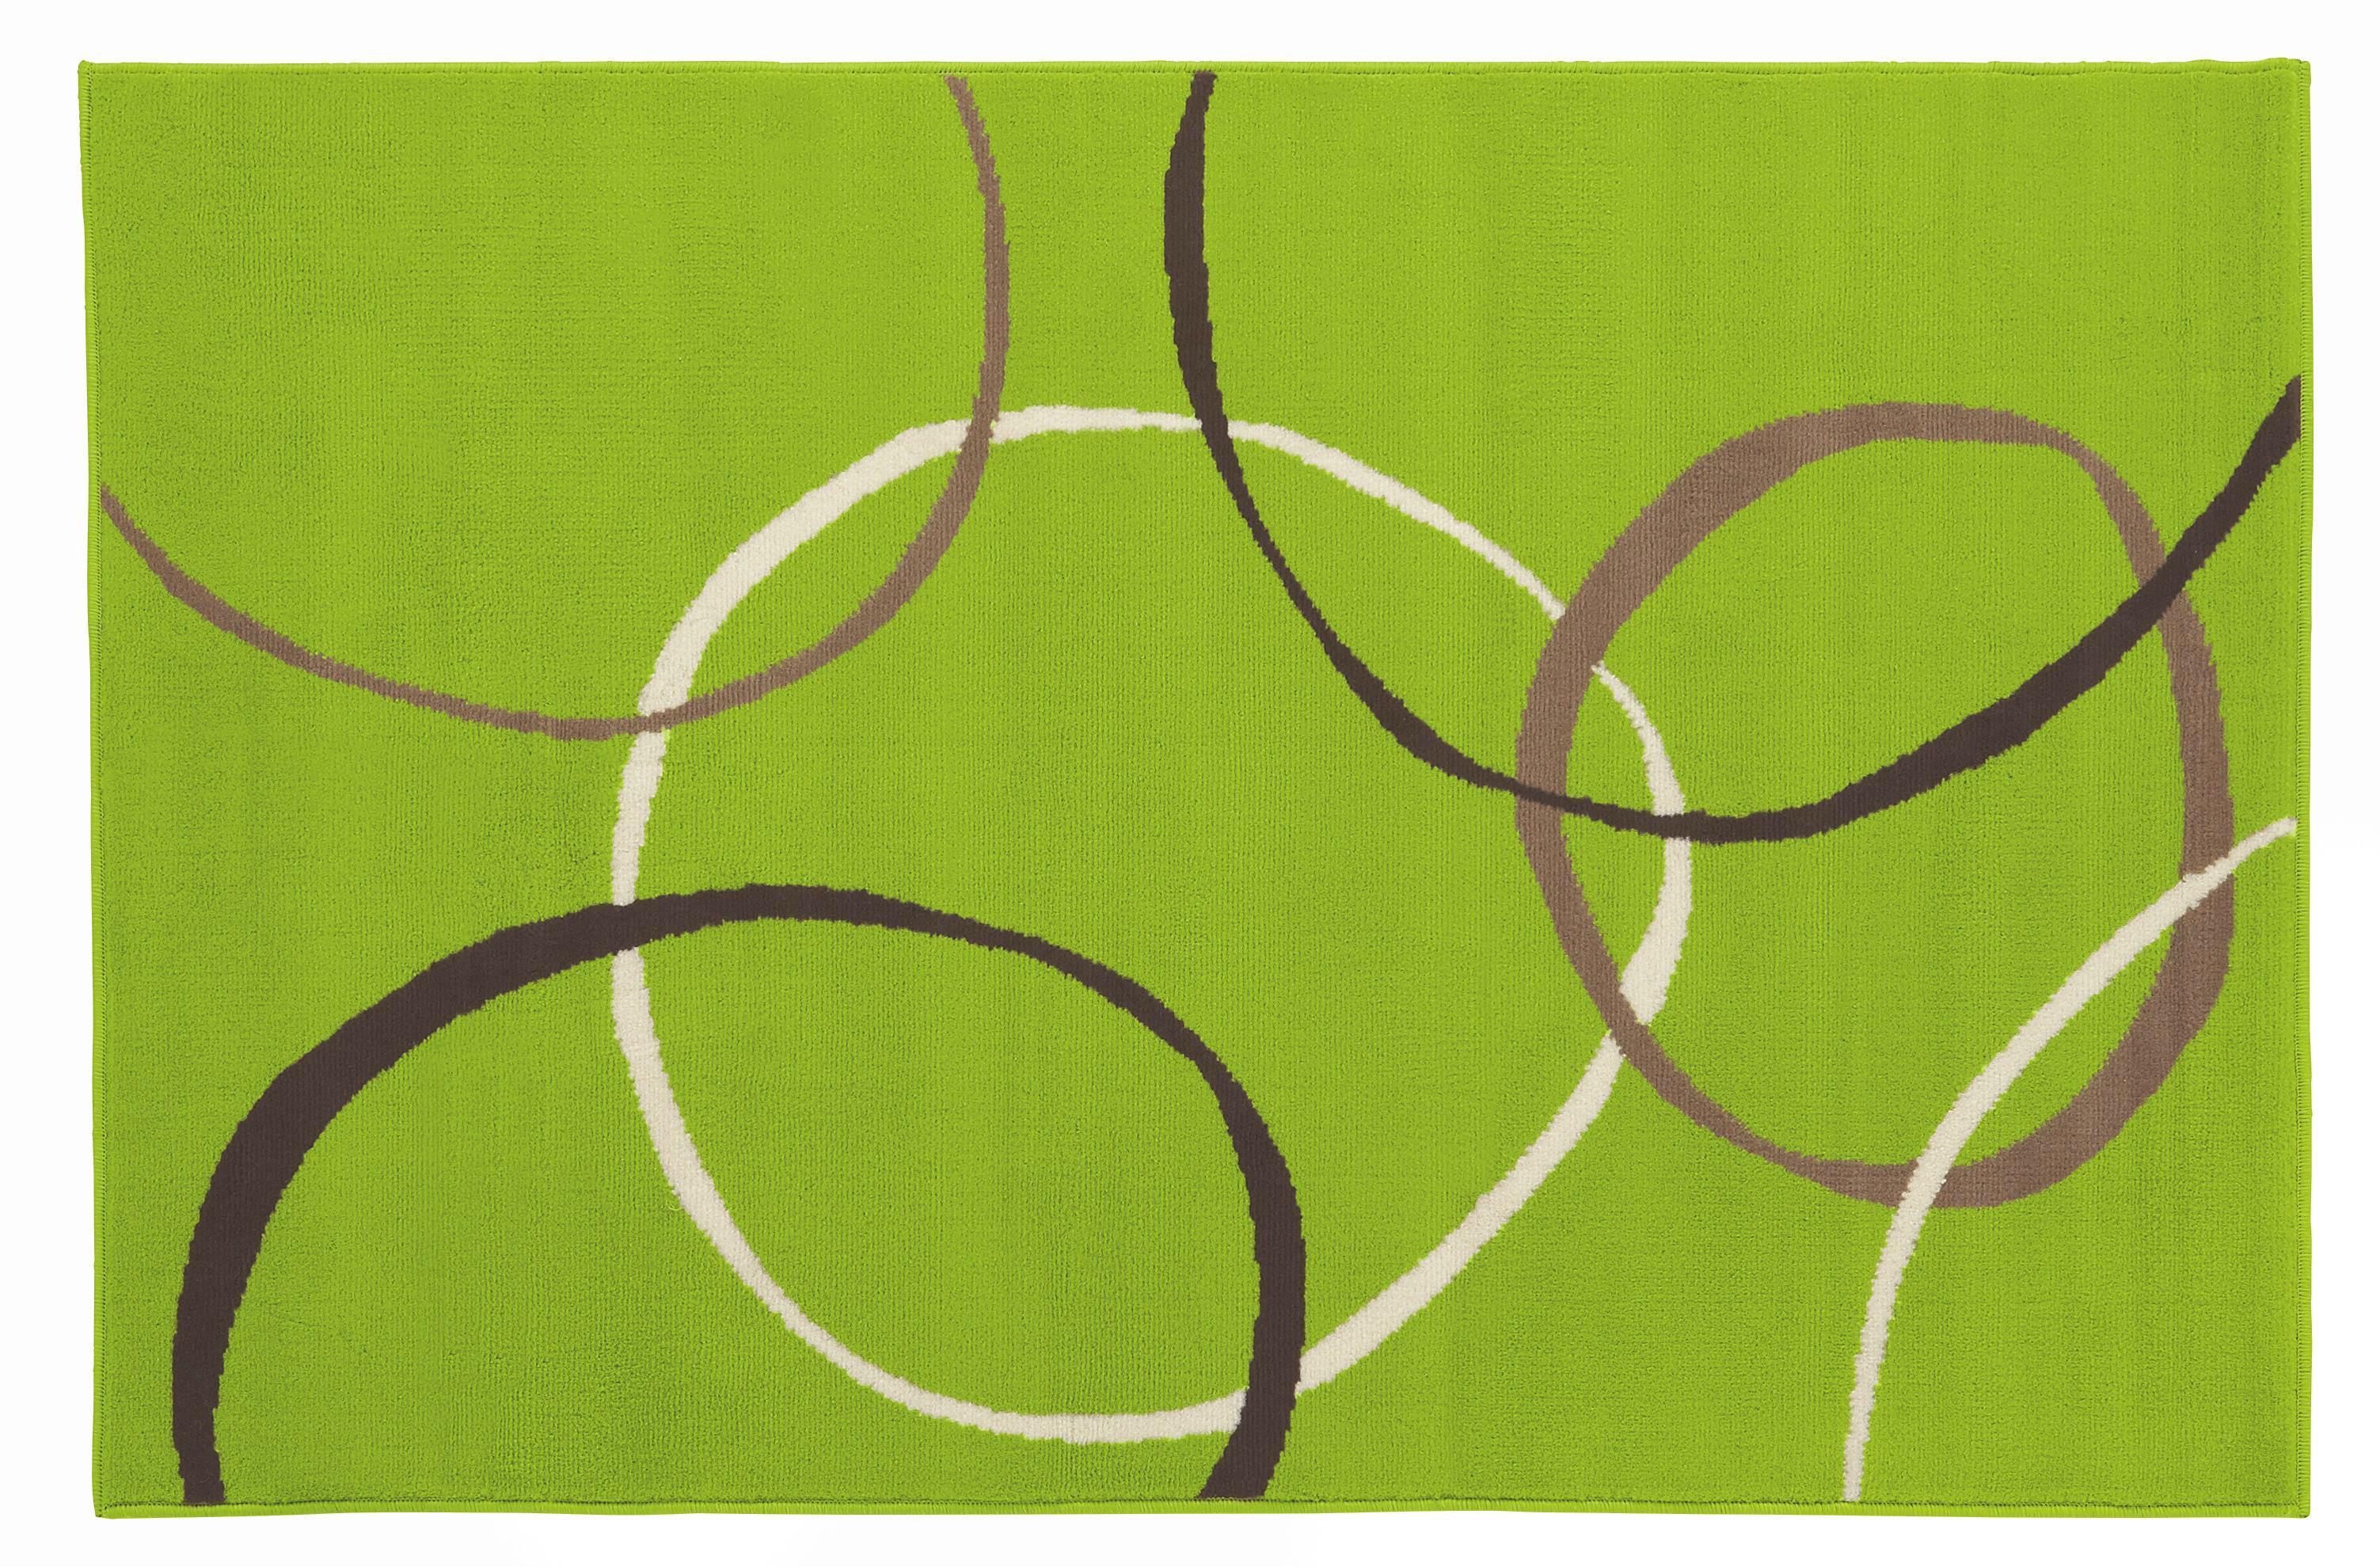 Szőnyeg Lime - zöld, konvencionális, textil (100/160cm)